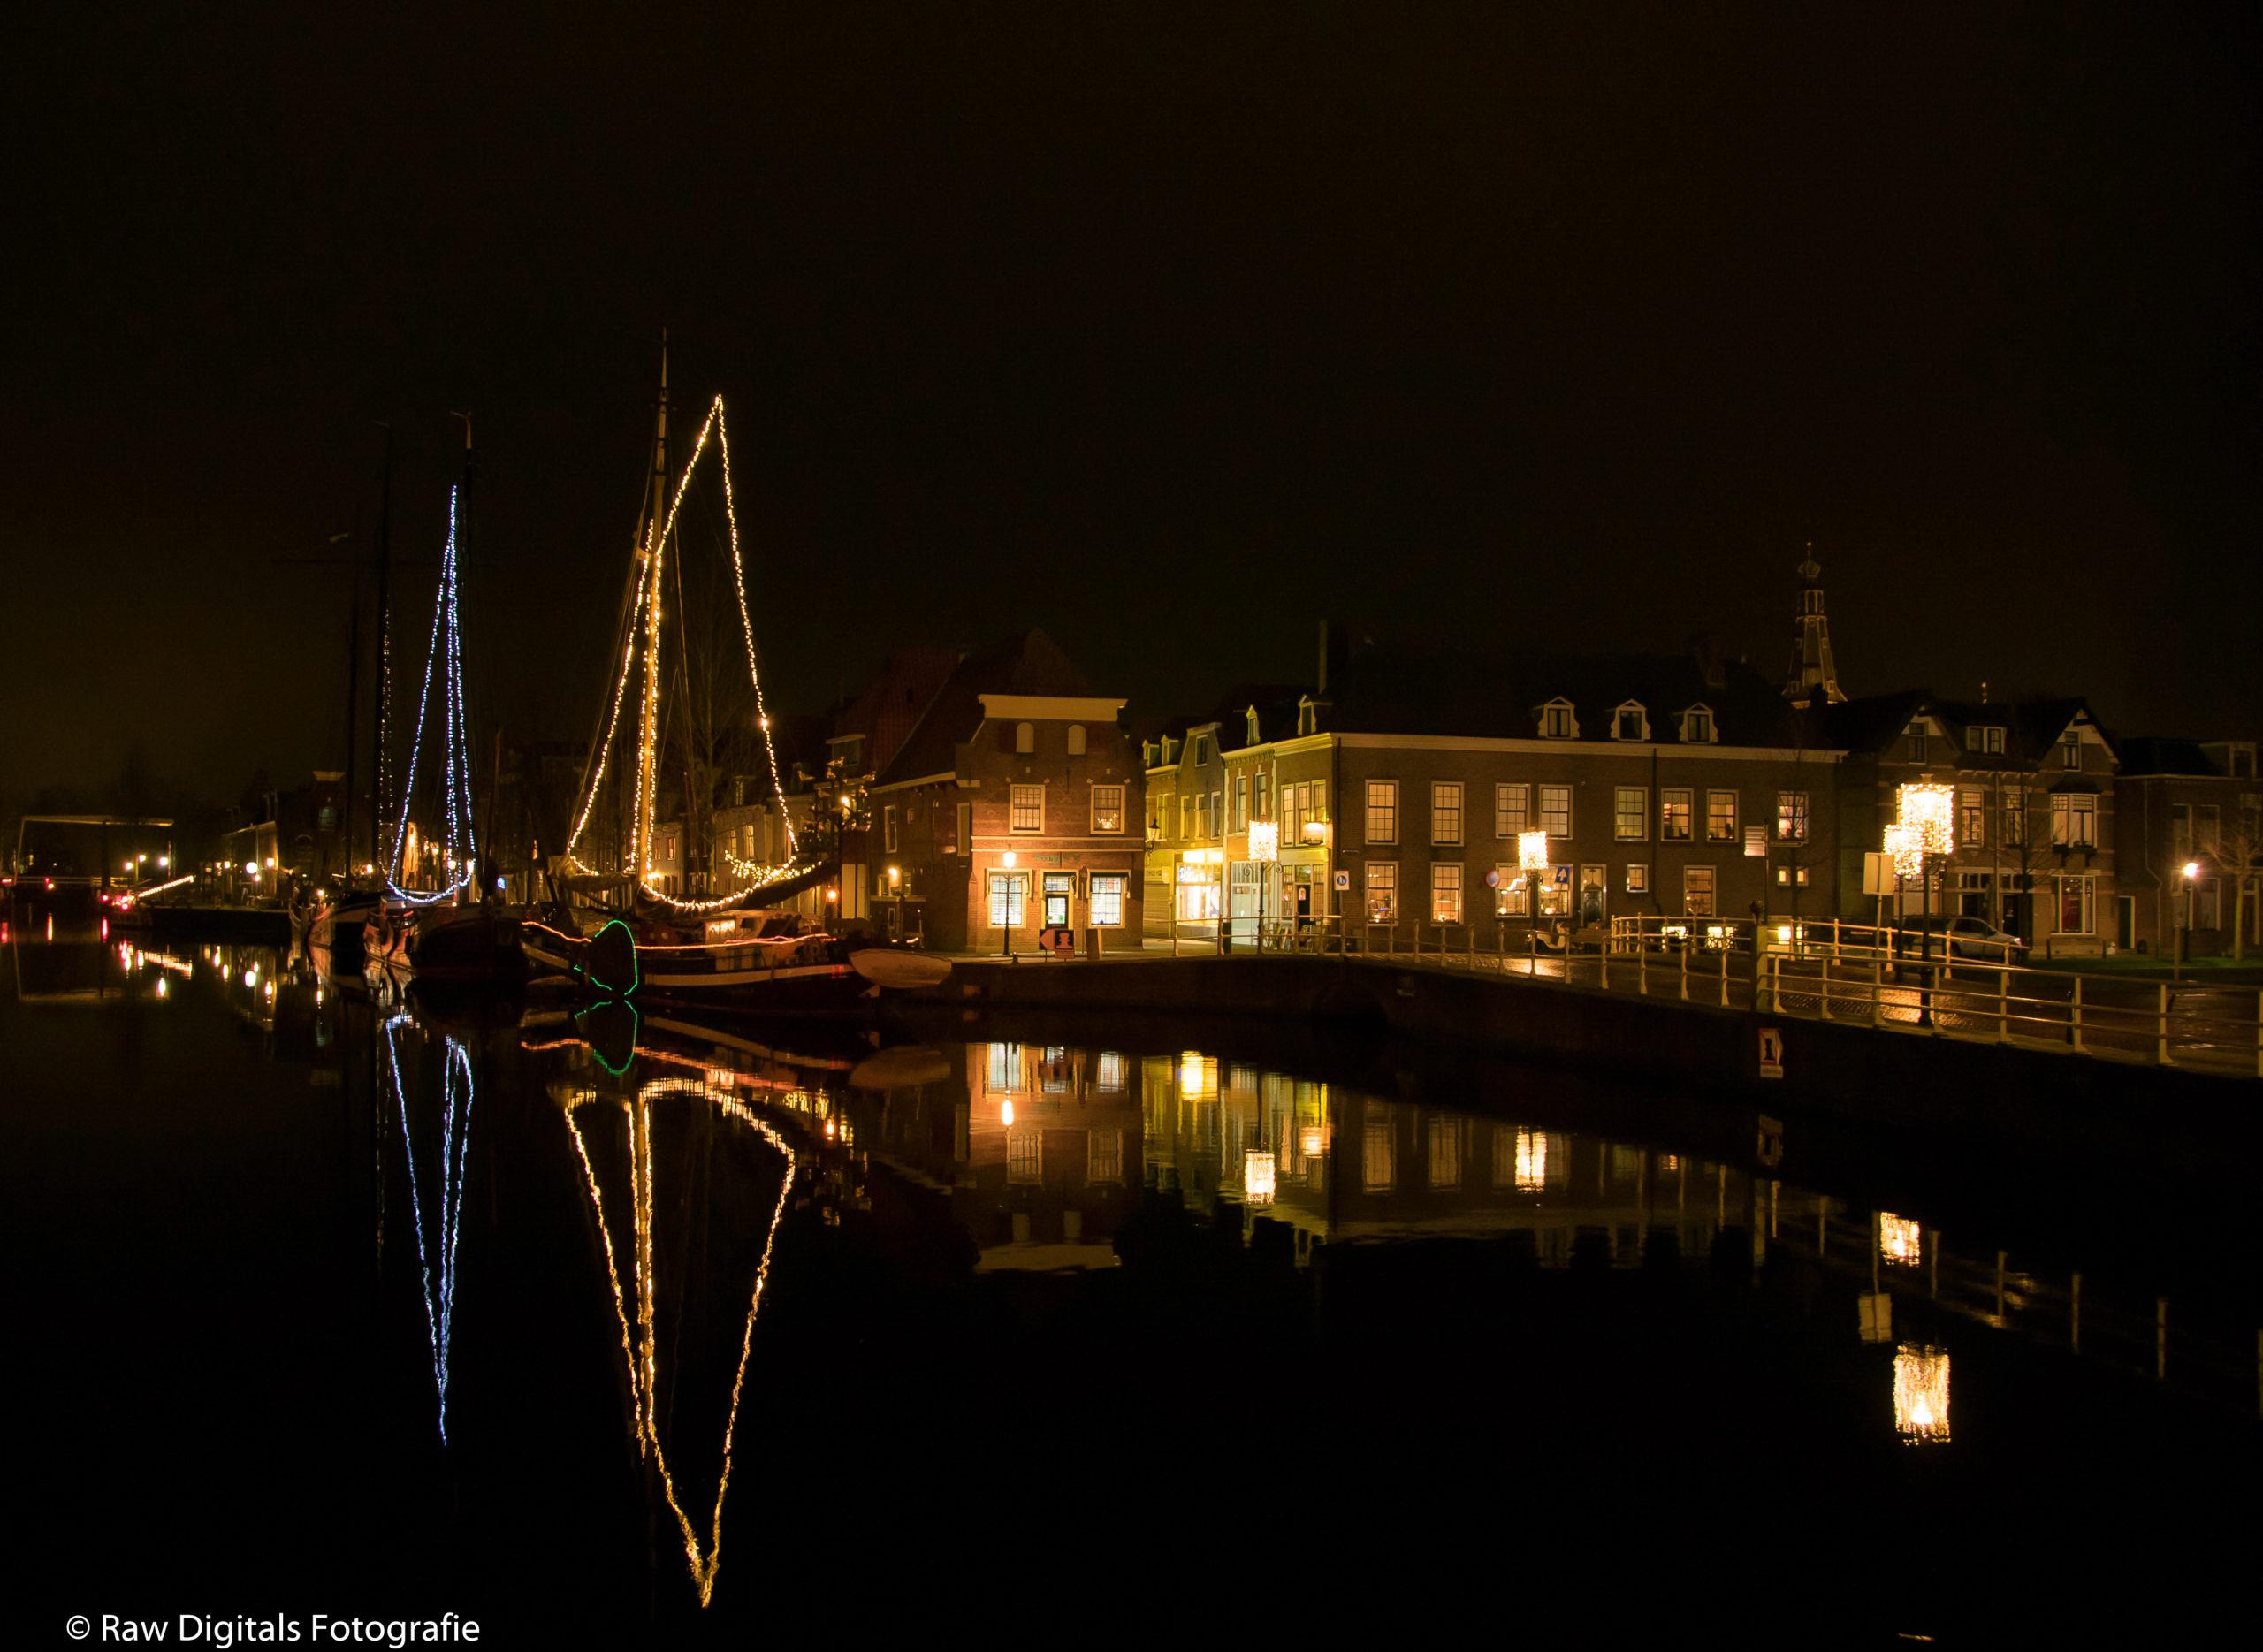 Weesp gefotografeerd in de avond vanaf de Zwaantjesbrug